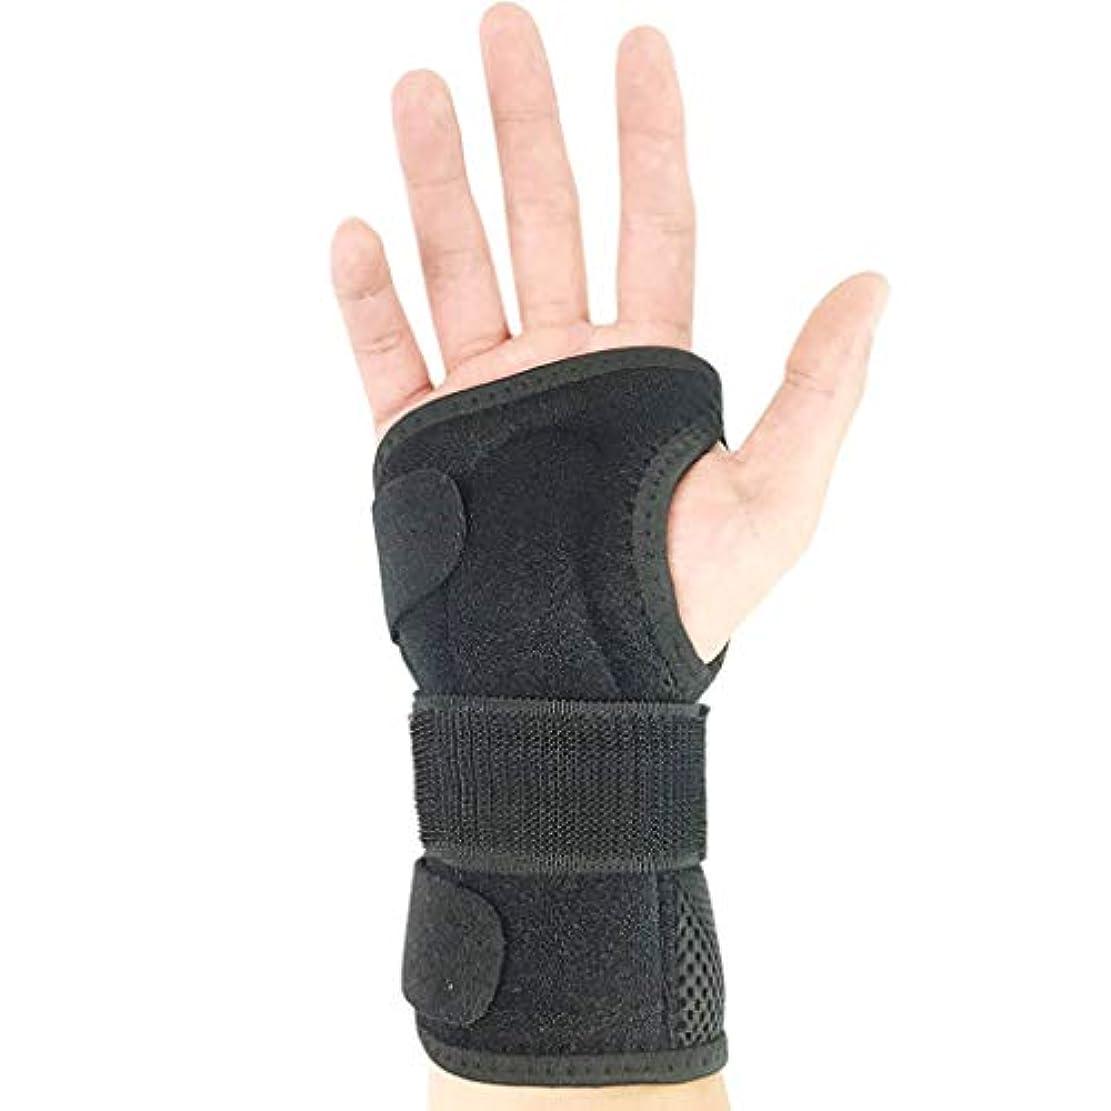 吐く生き残りウェーハ手首骨折固定副子 - 通気性フィットネス捻挫痛みプロテクター調節可能な左右の手首バンドユニセックス,Right,M